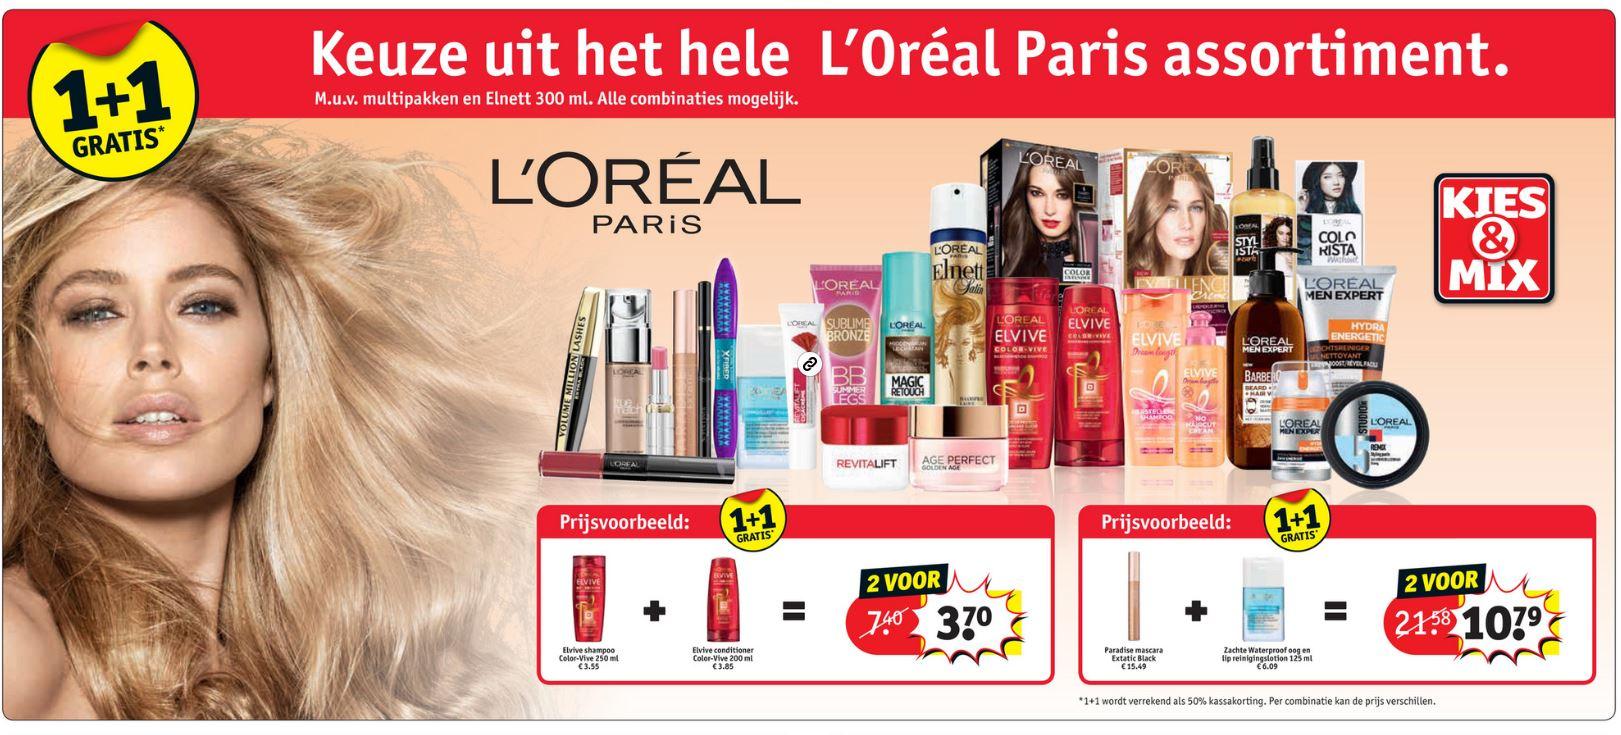 Alles van L'Oréal 1+1 GRATIS @ Kruidvat